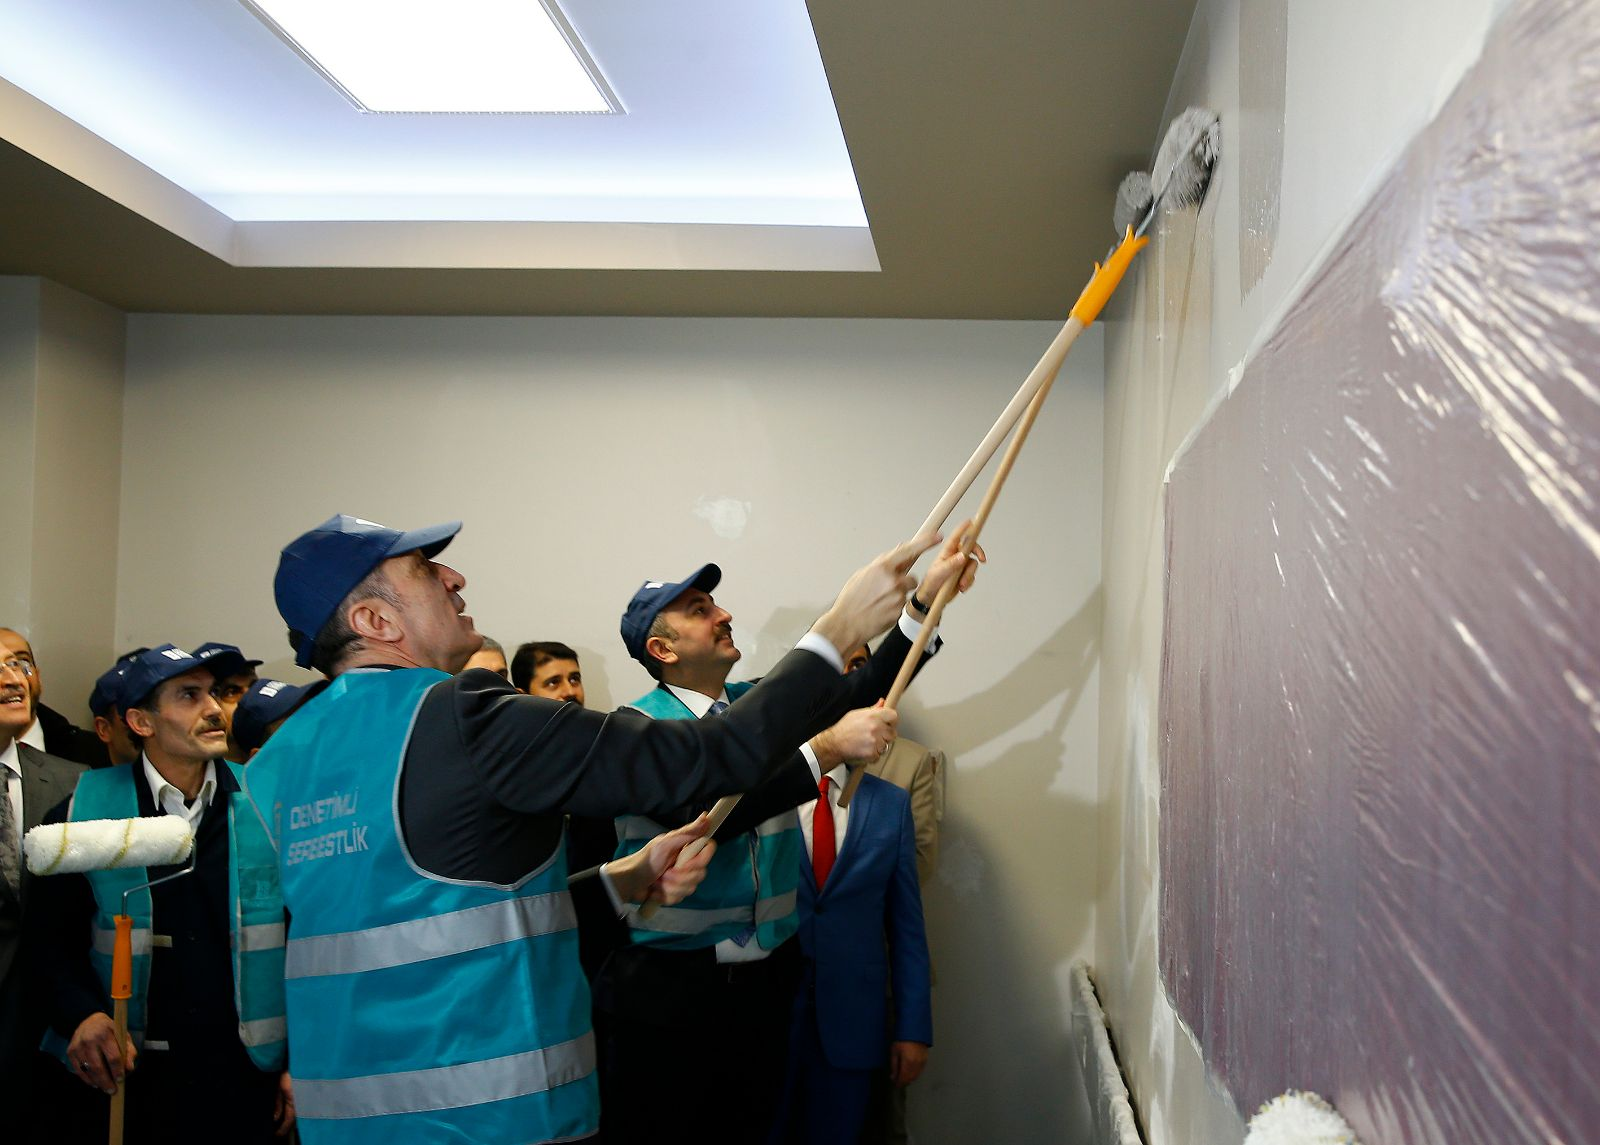 Bakanlar Abdülhamit Gül ve Ziya Selçuk sınıf boyadı